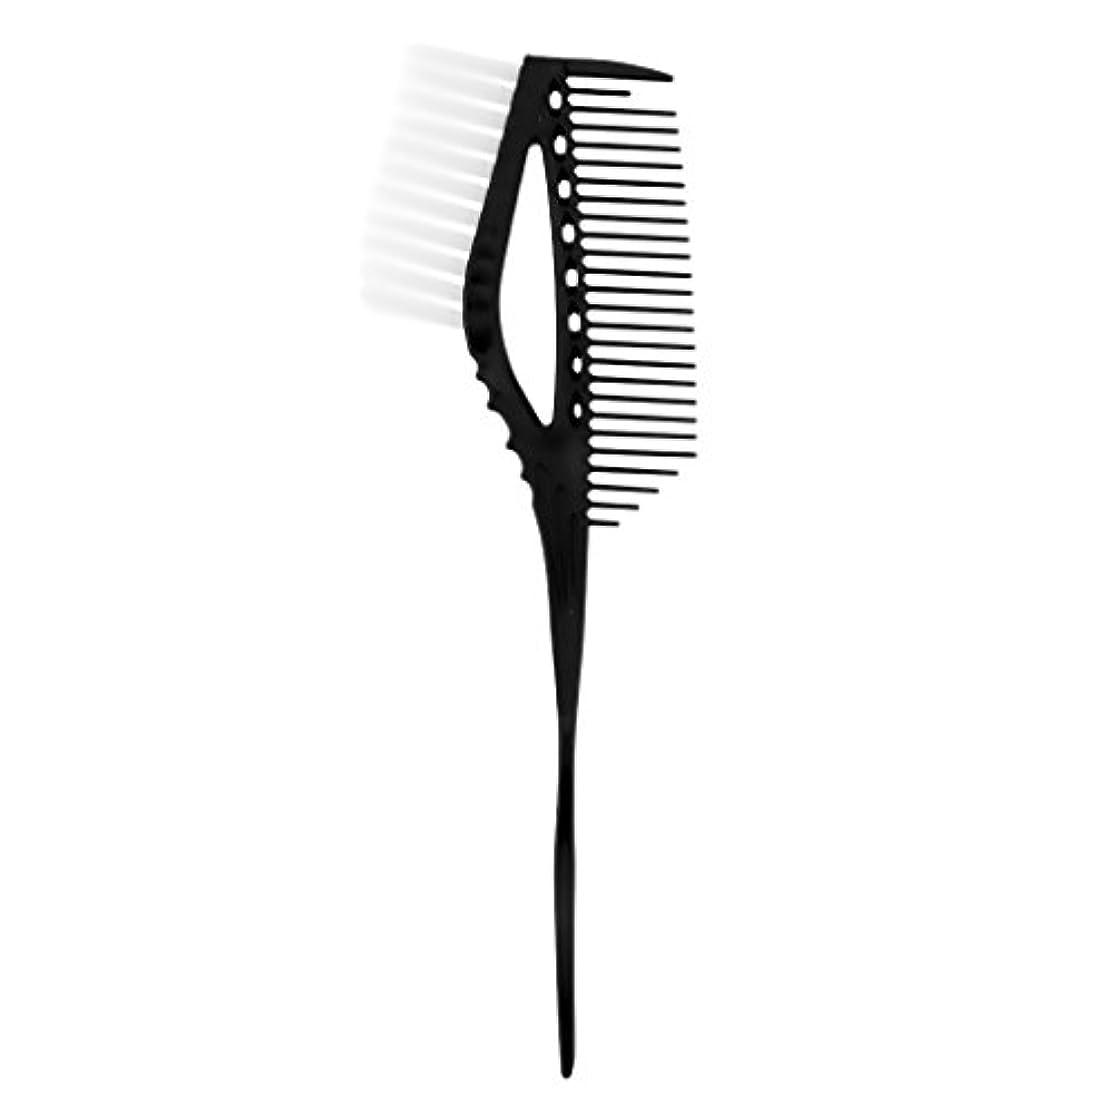 消費する連合メダリストPerfk ハイライト櫛 ヘアコーム ヘアブラシ ヘアカラー 色合い 染めブラシ ミキシングブラシ 3色選べる - ブラック